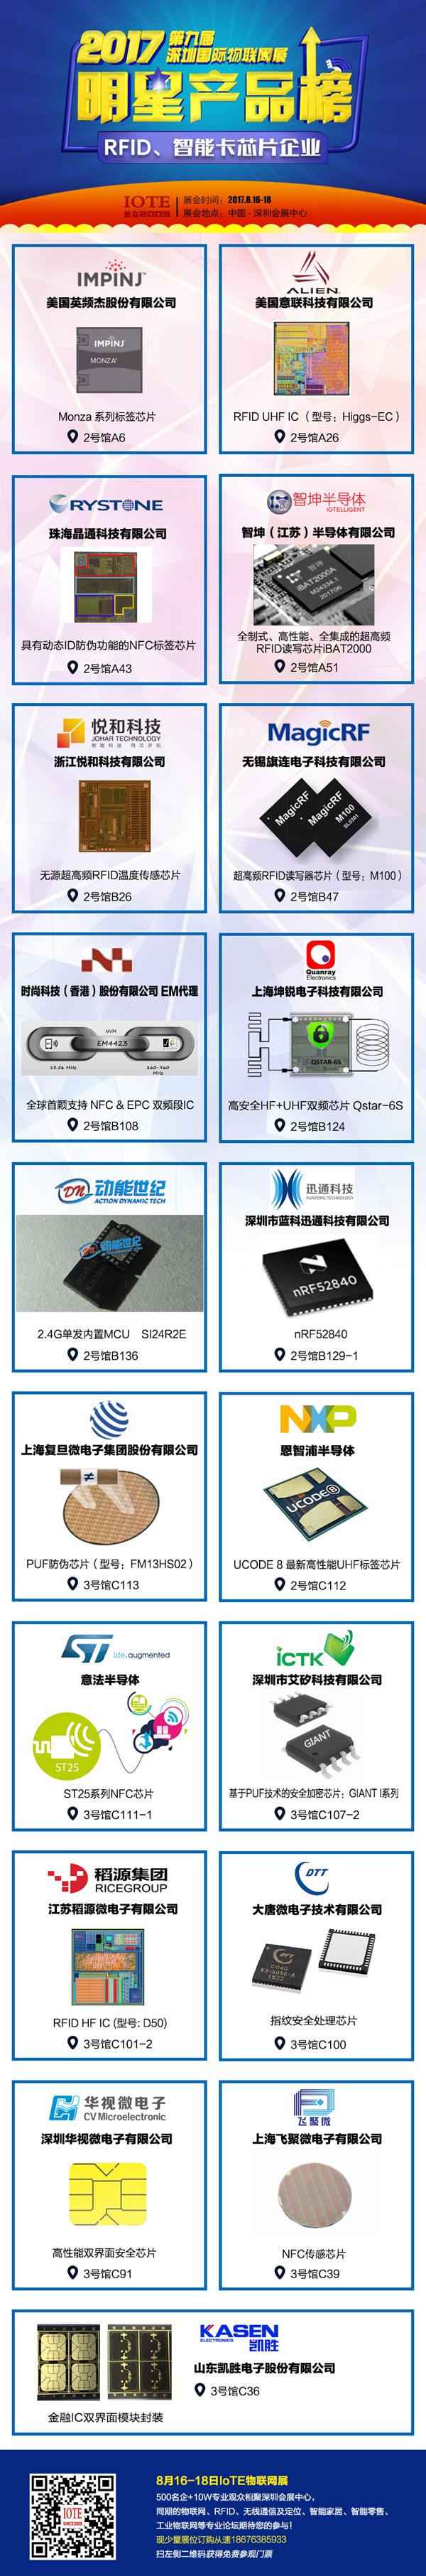 物联网世界王者之争 RFID芯片企业能否荣耀加身